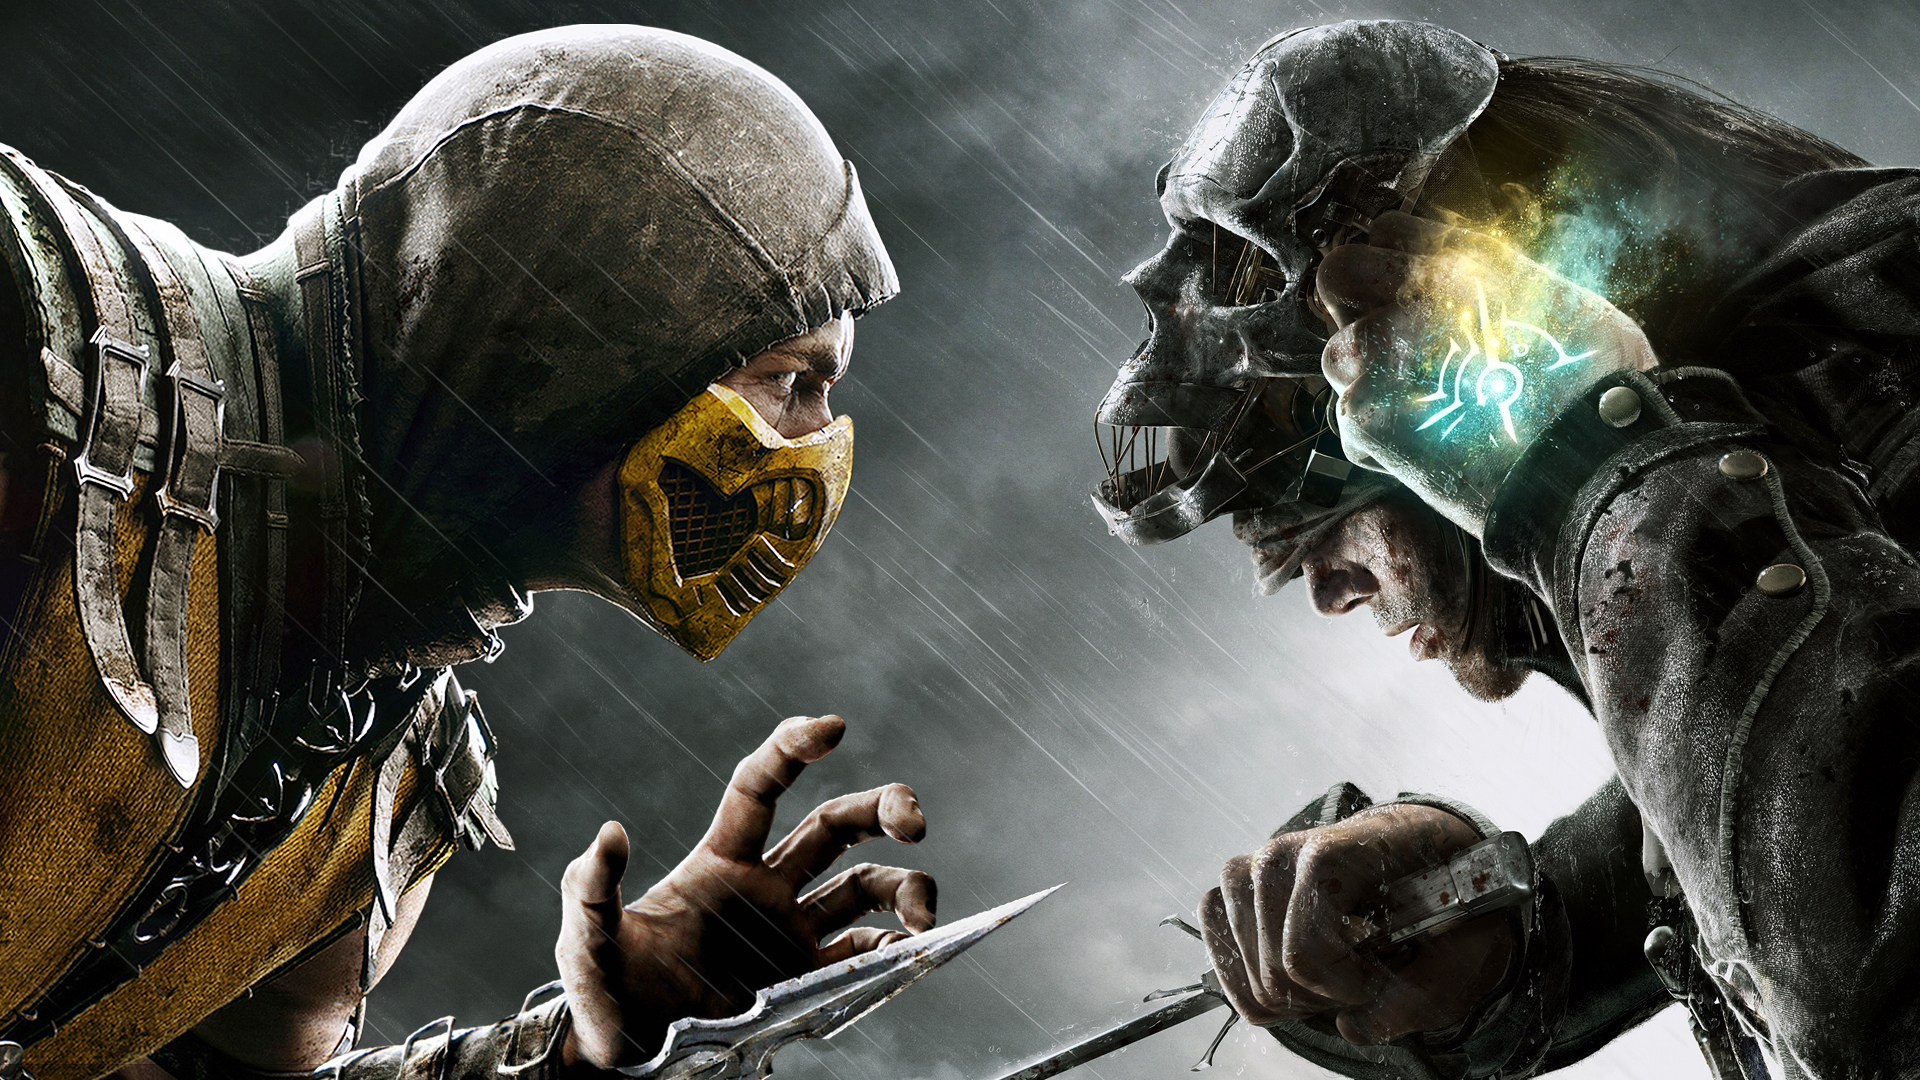 Mortal Kombat Fondo De Pantalla Hd 1080p Mortal Kombat Fondo De Pantalla 1920x1080 1920x1080 Wallpapertip